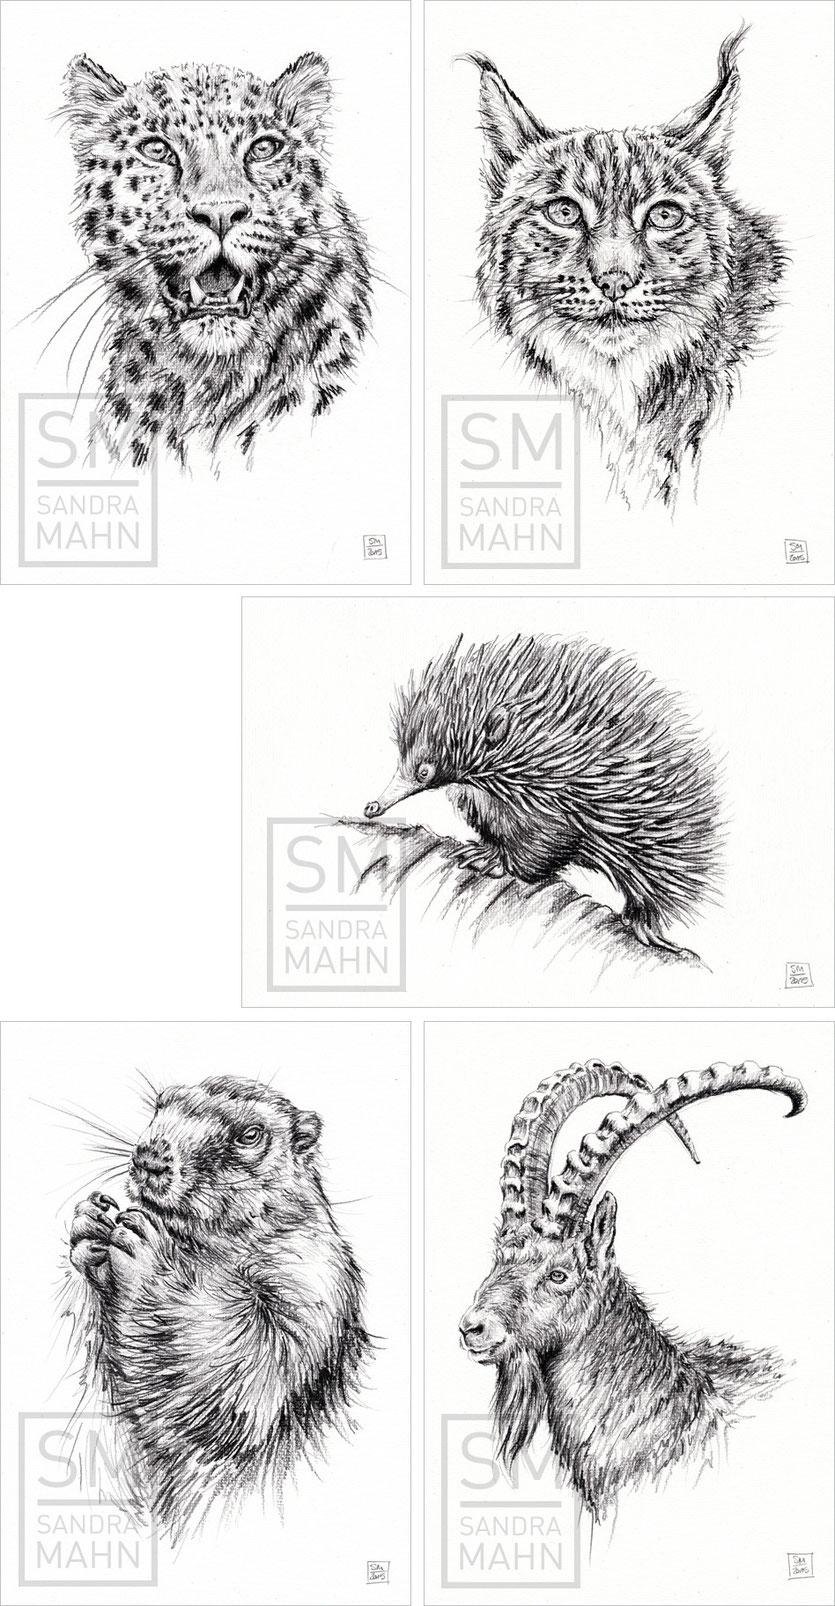 Leopard - Luchs - Ameisenigel - Murmeltier - Steinbock (bis auf Luchs alle verkauft) | leopard - lynx - echidna - marmot - ibex (all sold except lynx)